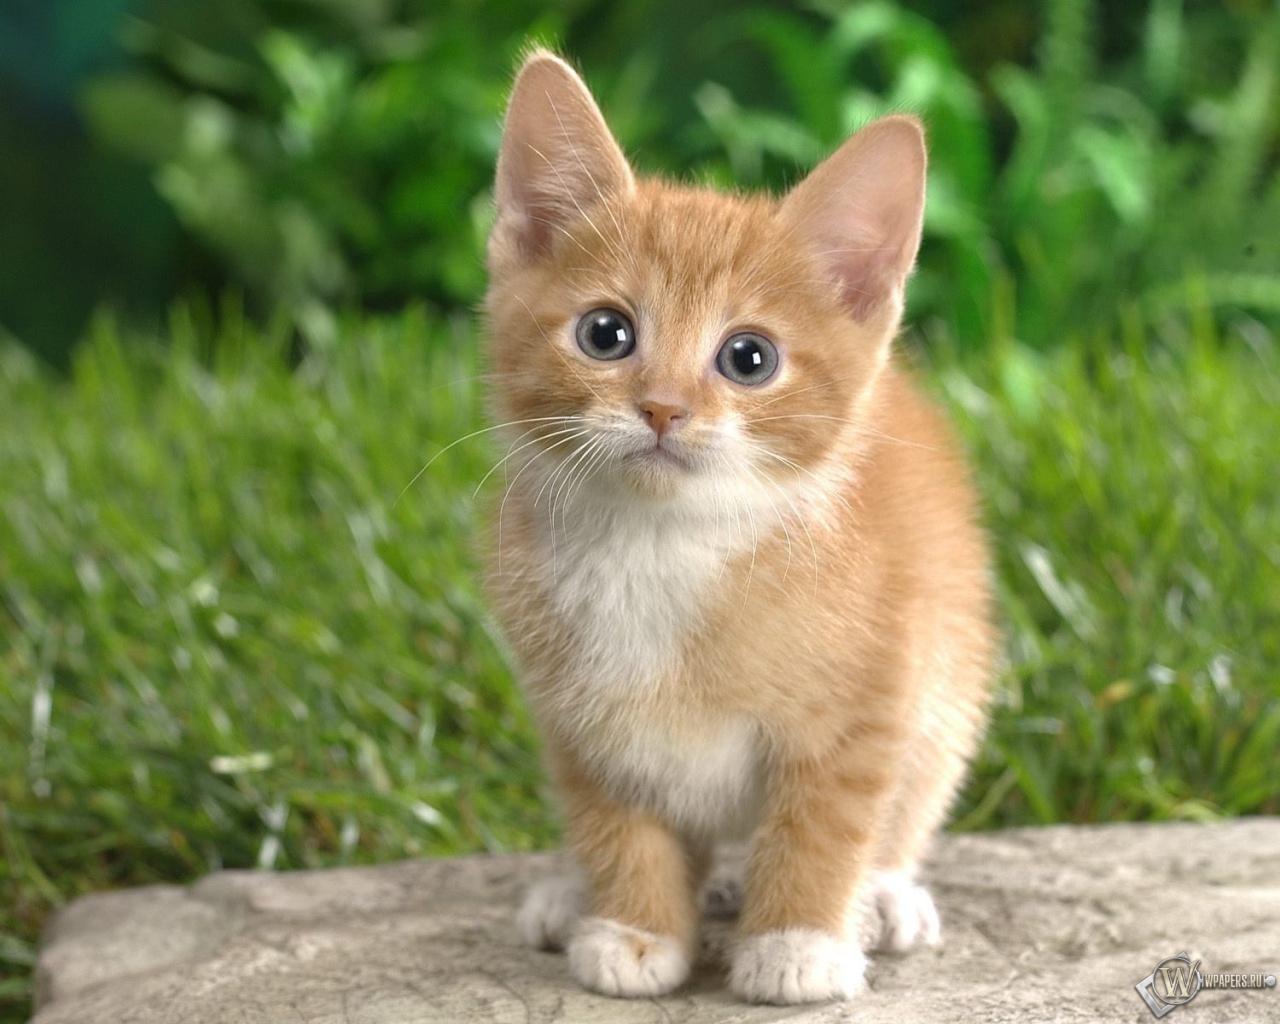 Котёнок на траве 1280x1024